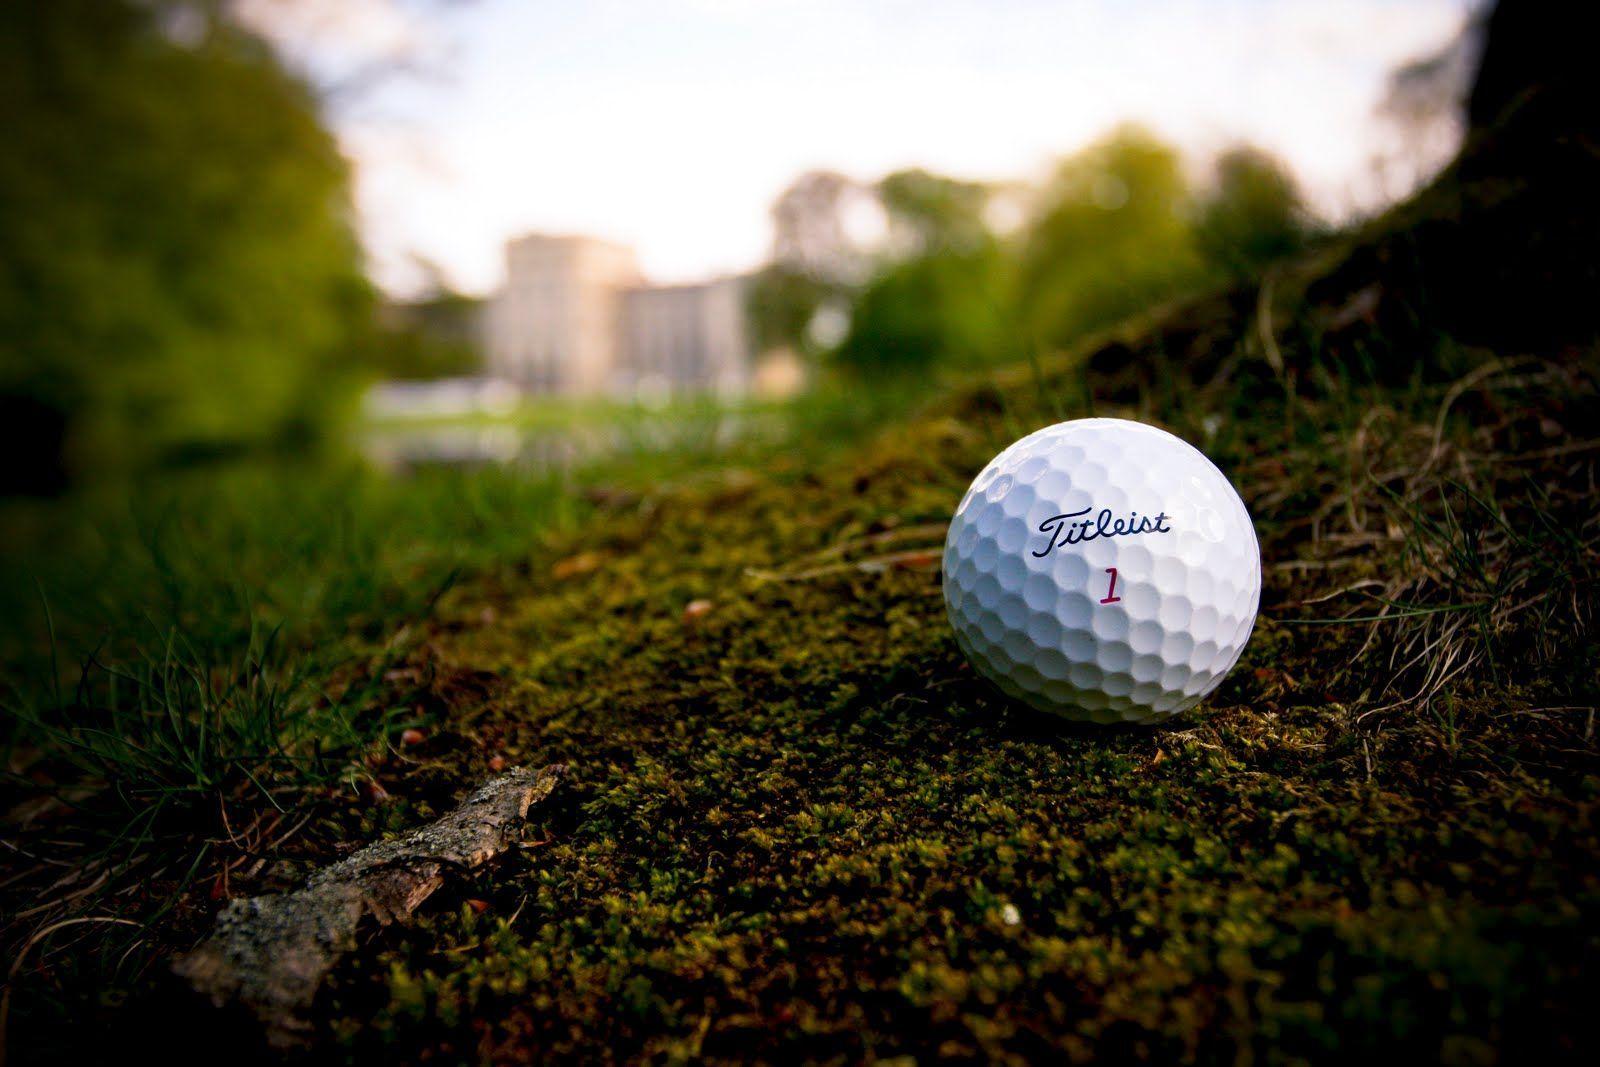 golf background image